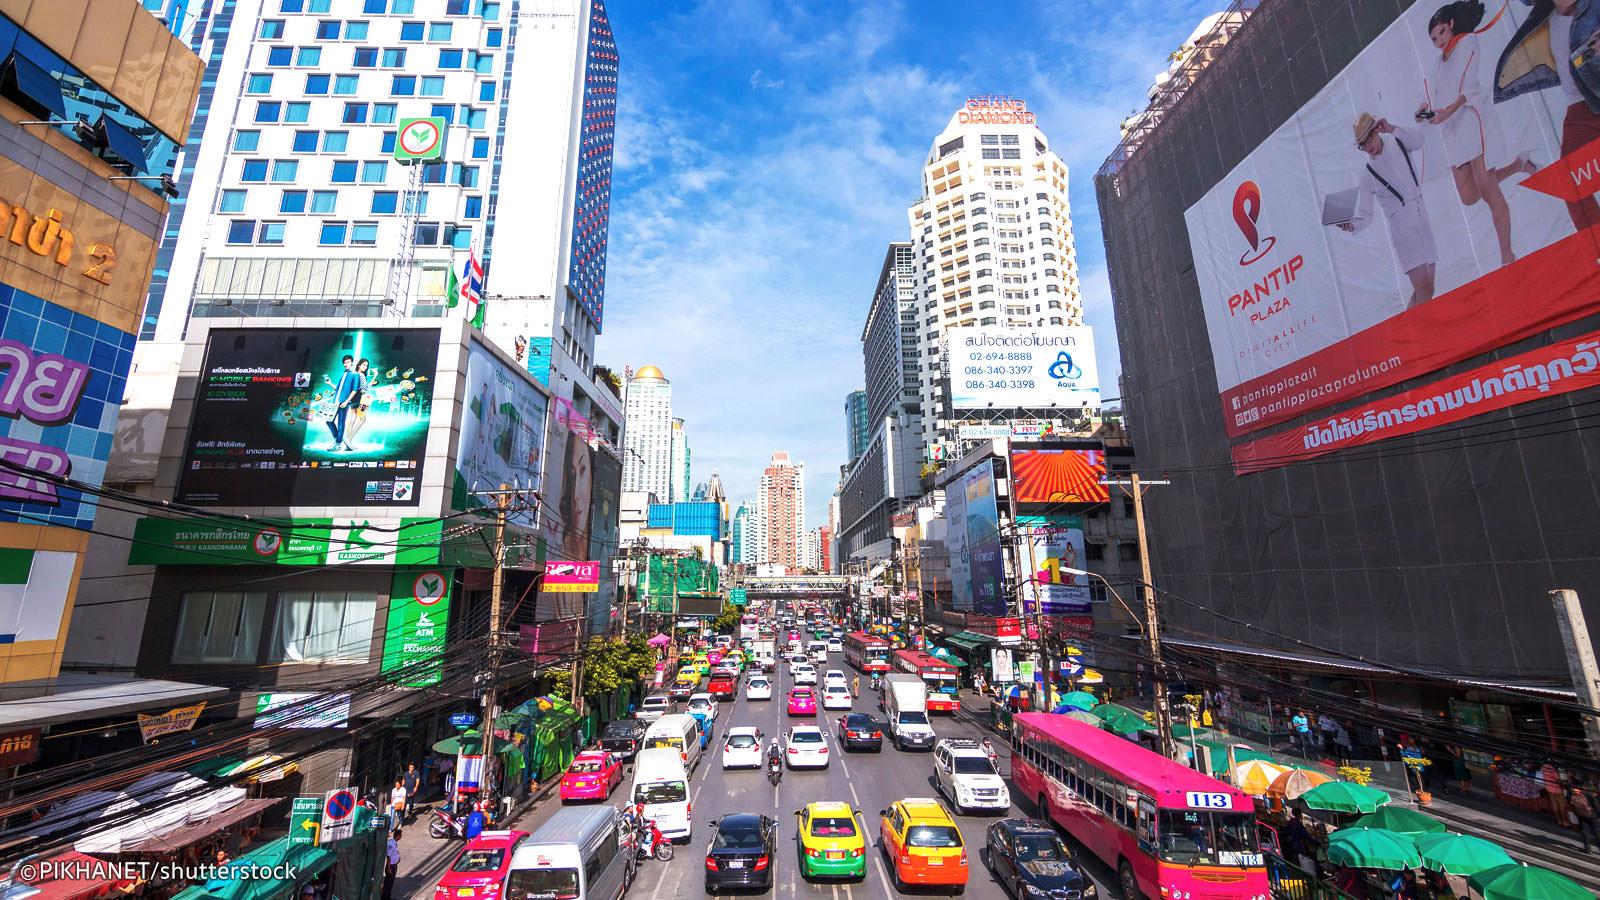 بازار جذاب و ارزان پراتونام بانکوک